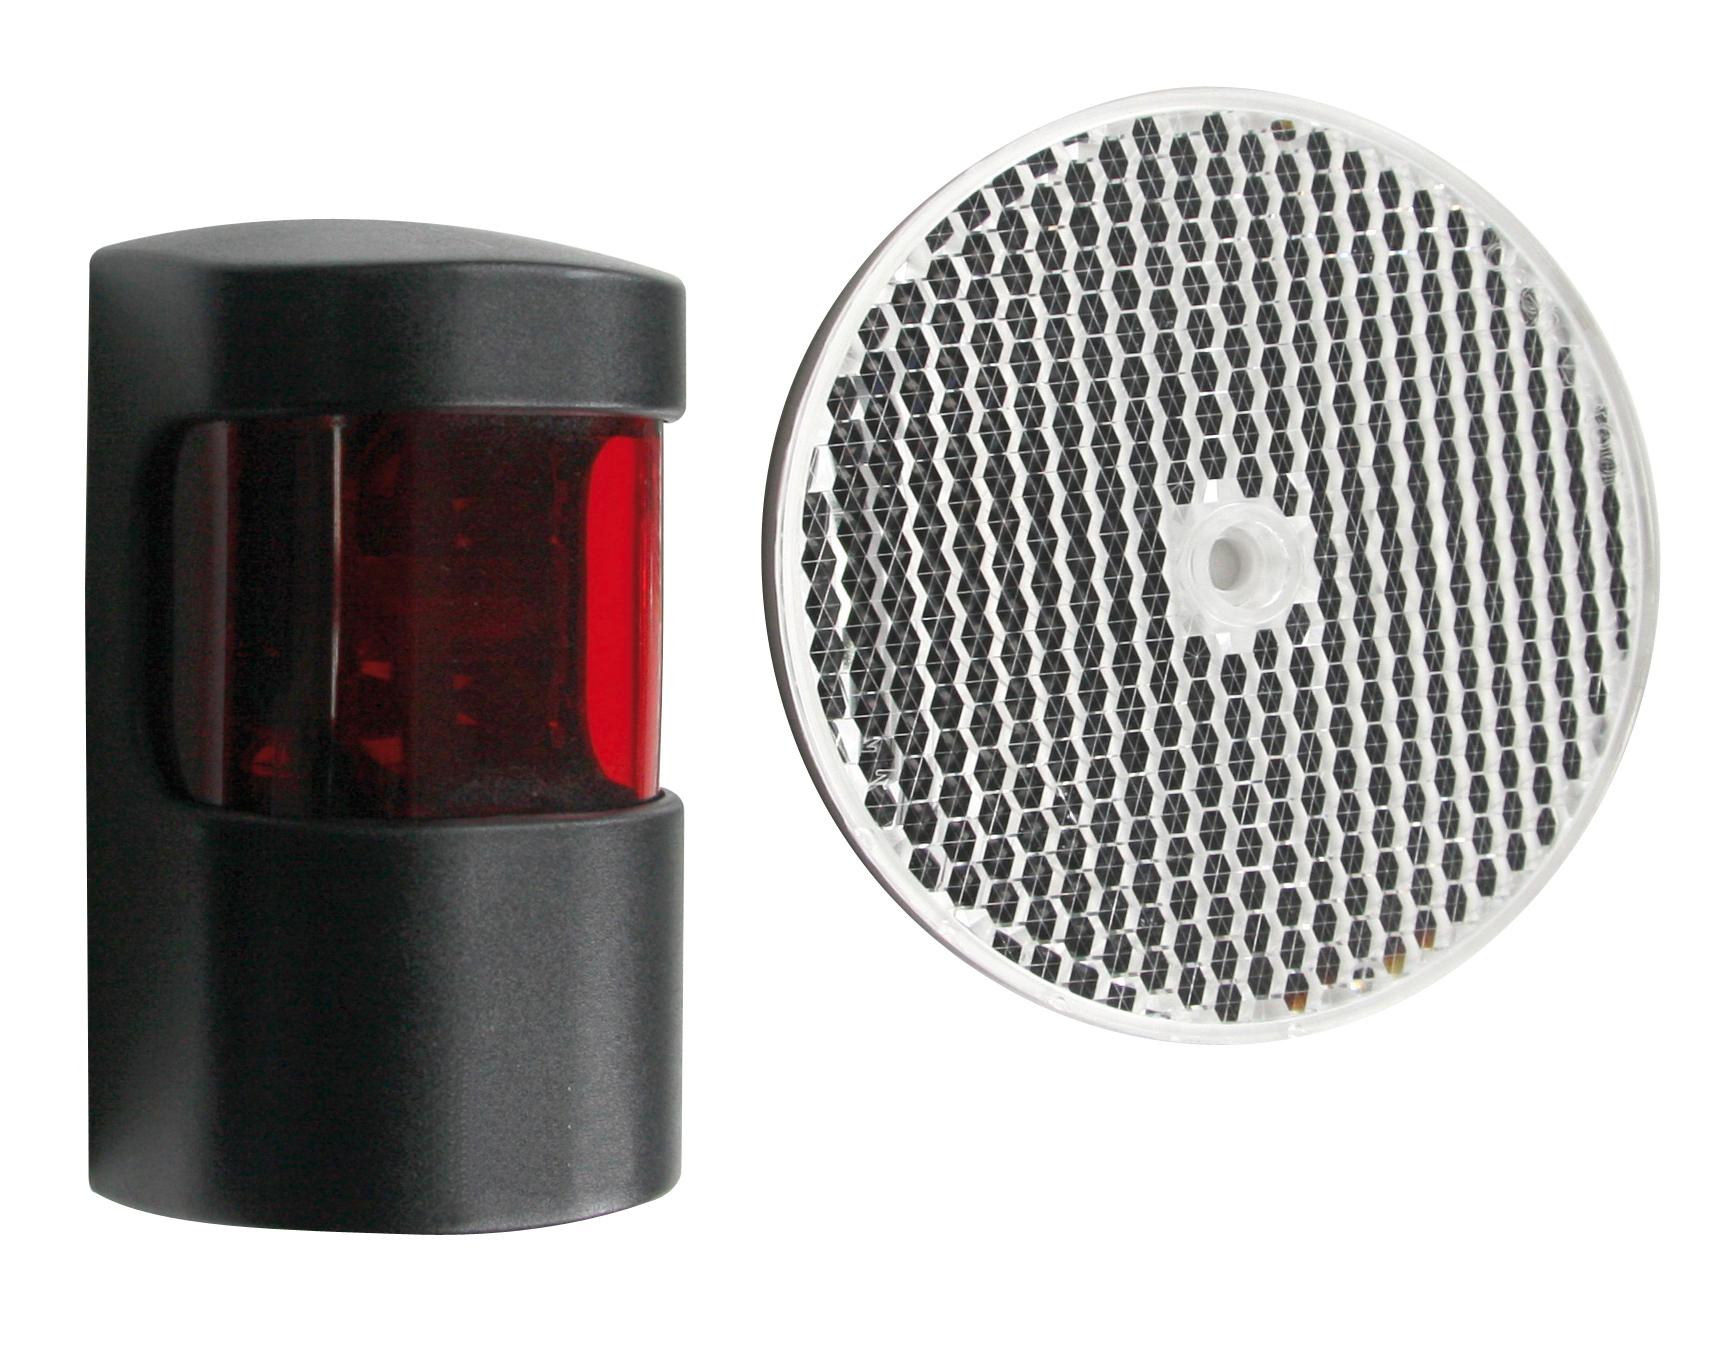 Cellule reflex simu pour porte de garage simu moteur simu for Moteur porte de garage simu